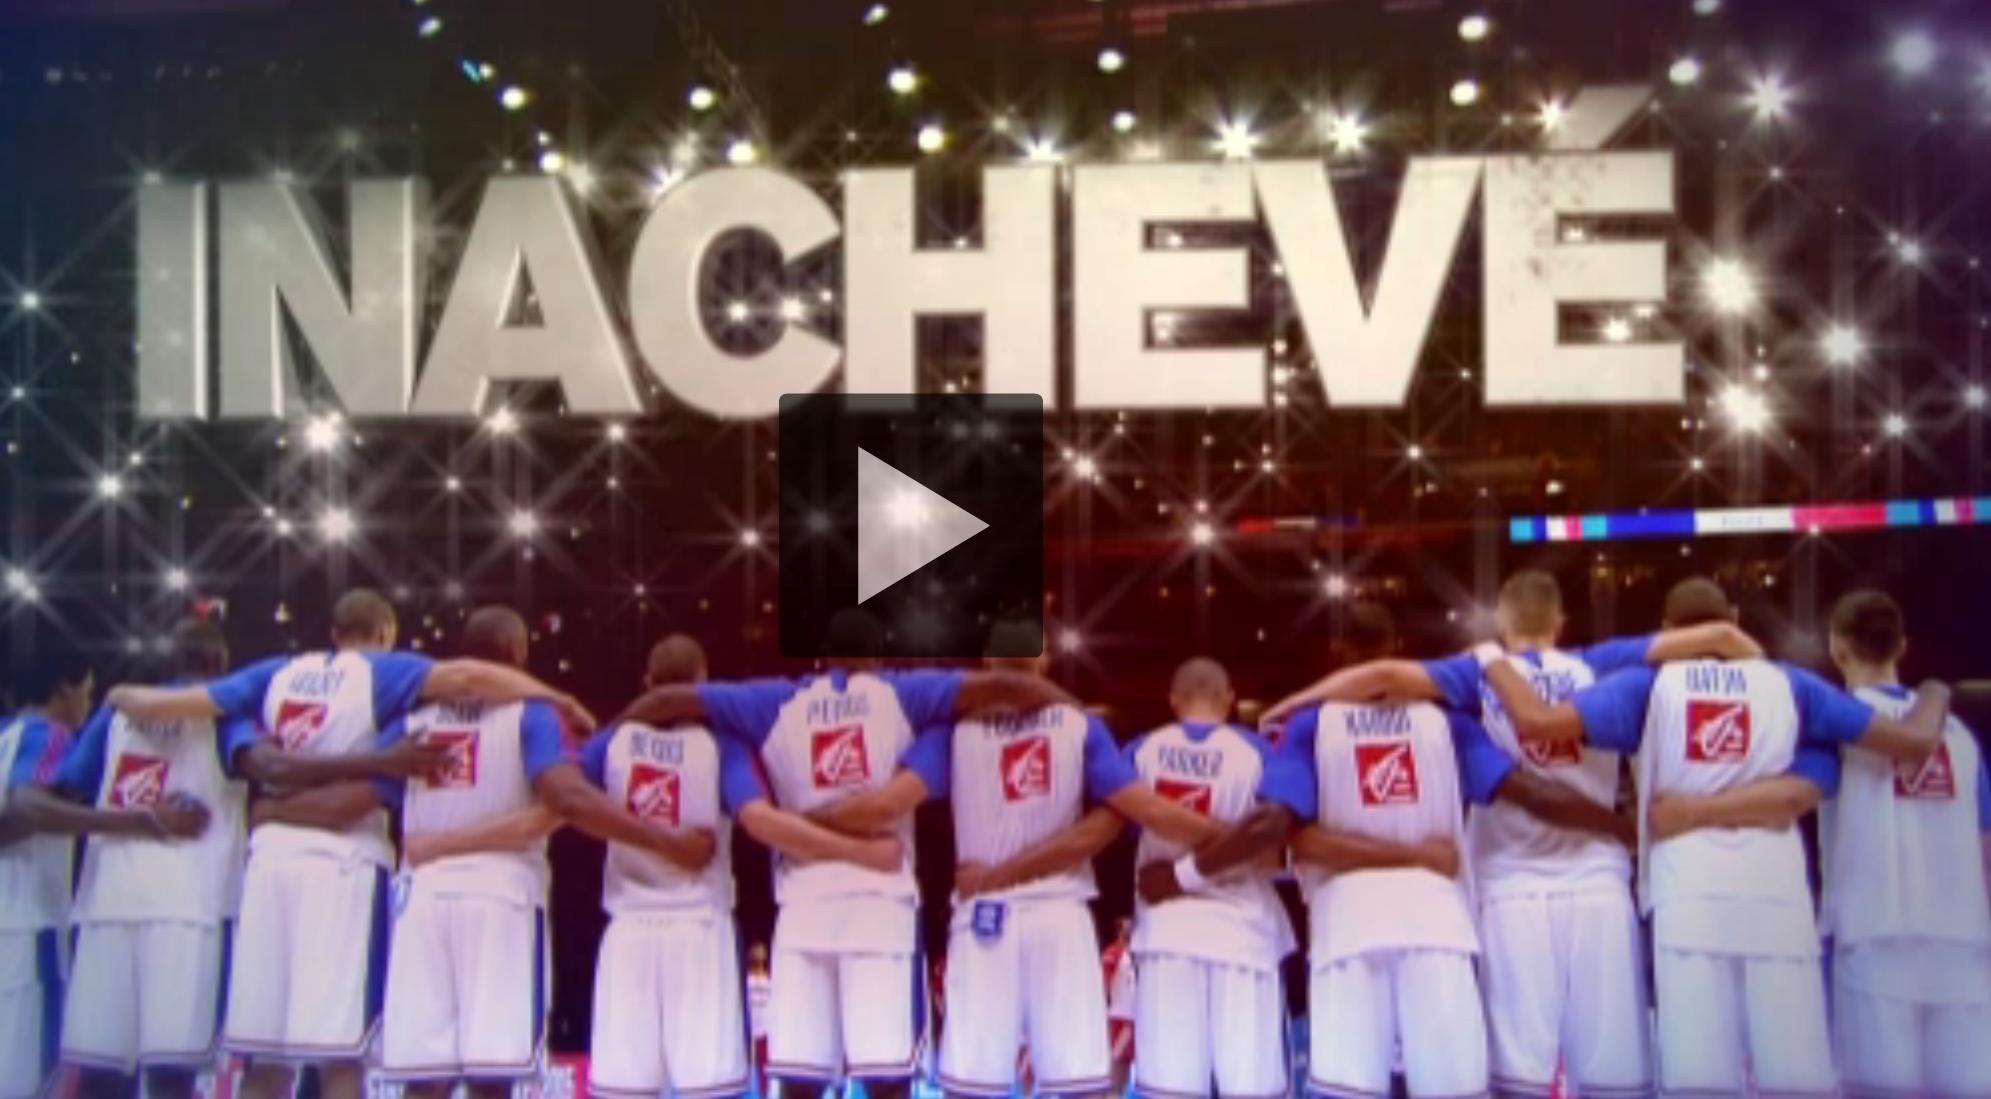 """A ne pas rater : """"Inachevé"""", le doc sur l'aventure des Bleus à l'Euro 2015"""